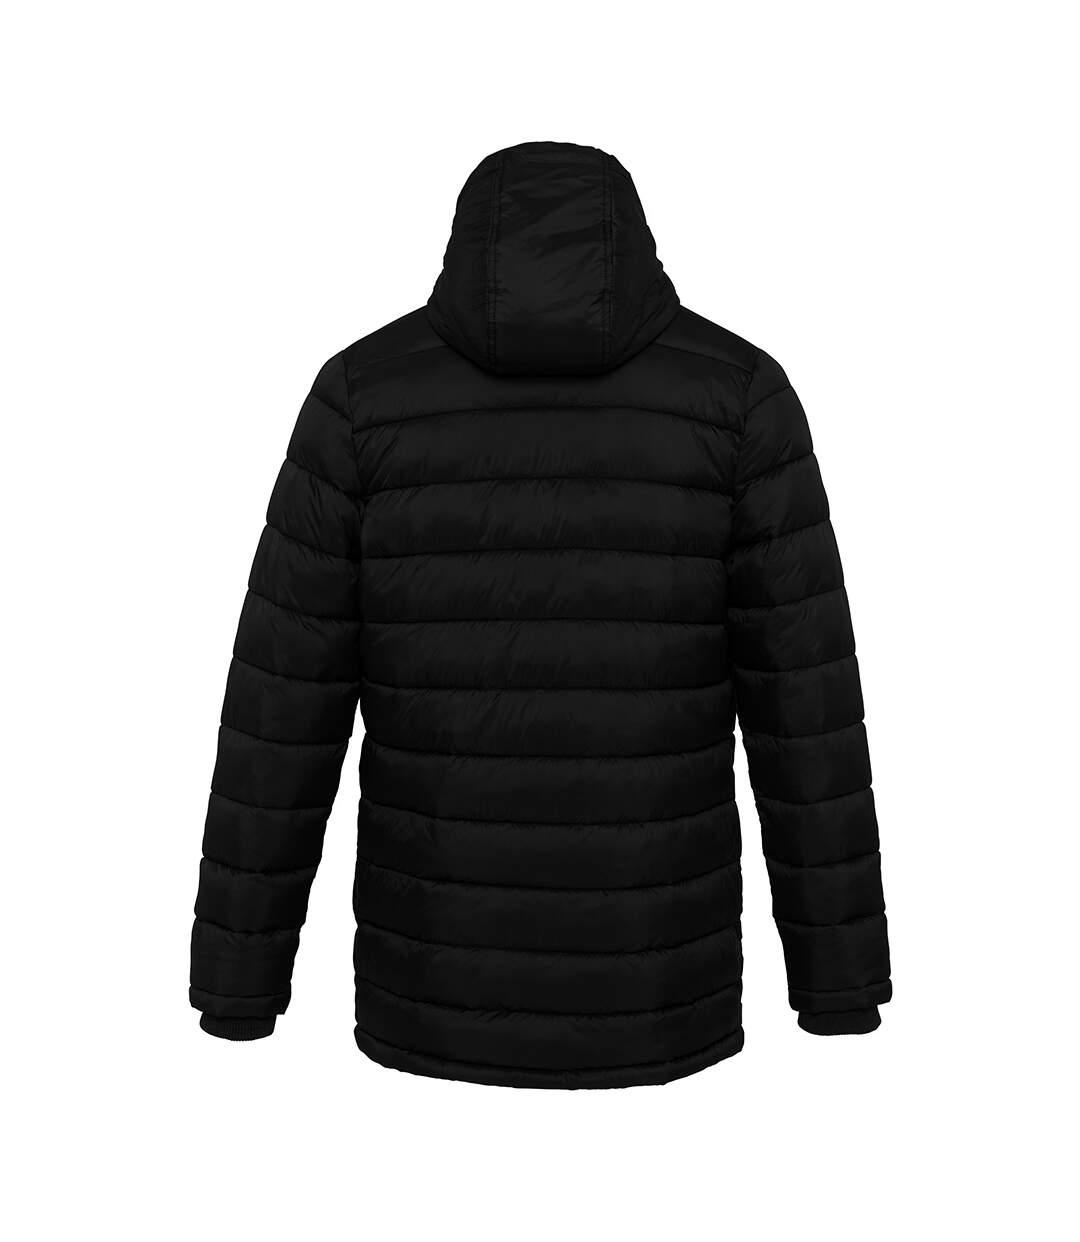 Kariban Mens Lightweight Long Padded Parka Jacket (Black) - UTPC3823